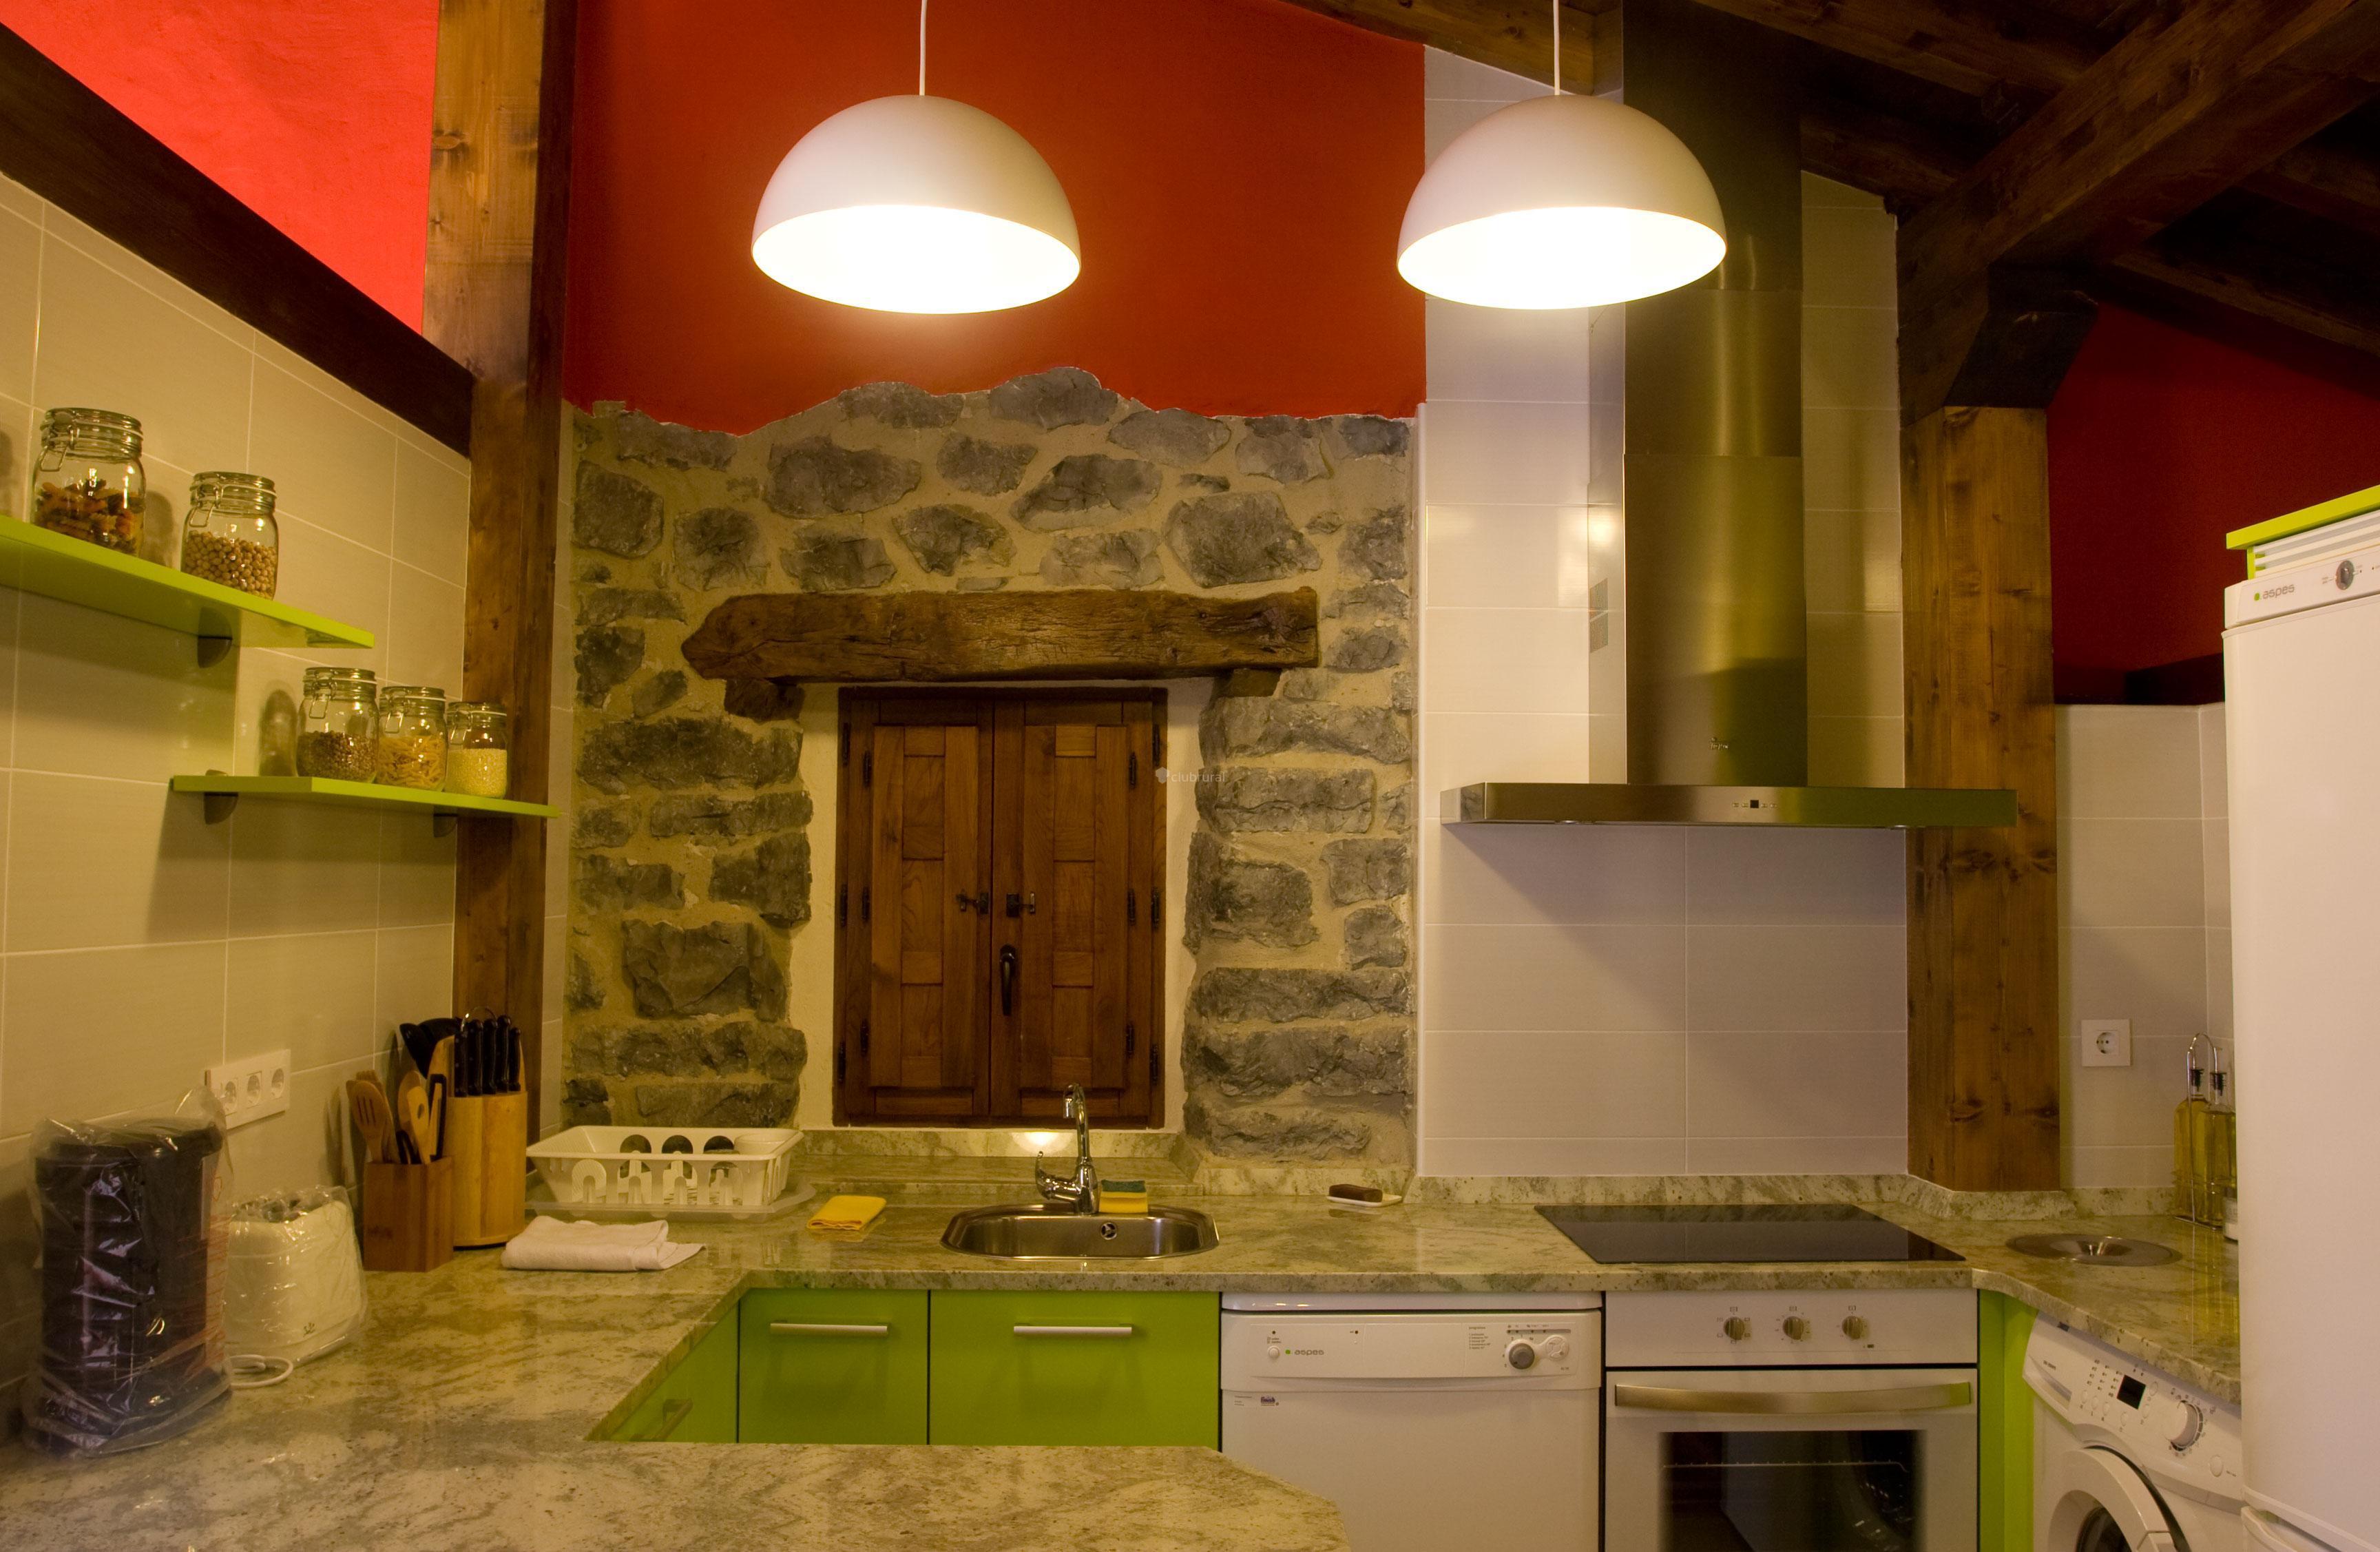 Magnífico Isla De Cocina Cascada Festooning - Ideas de Decoración de ...